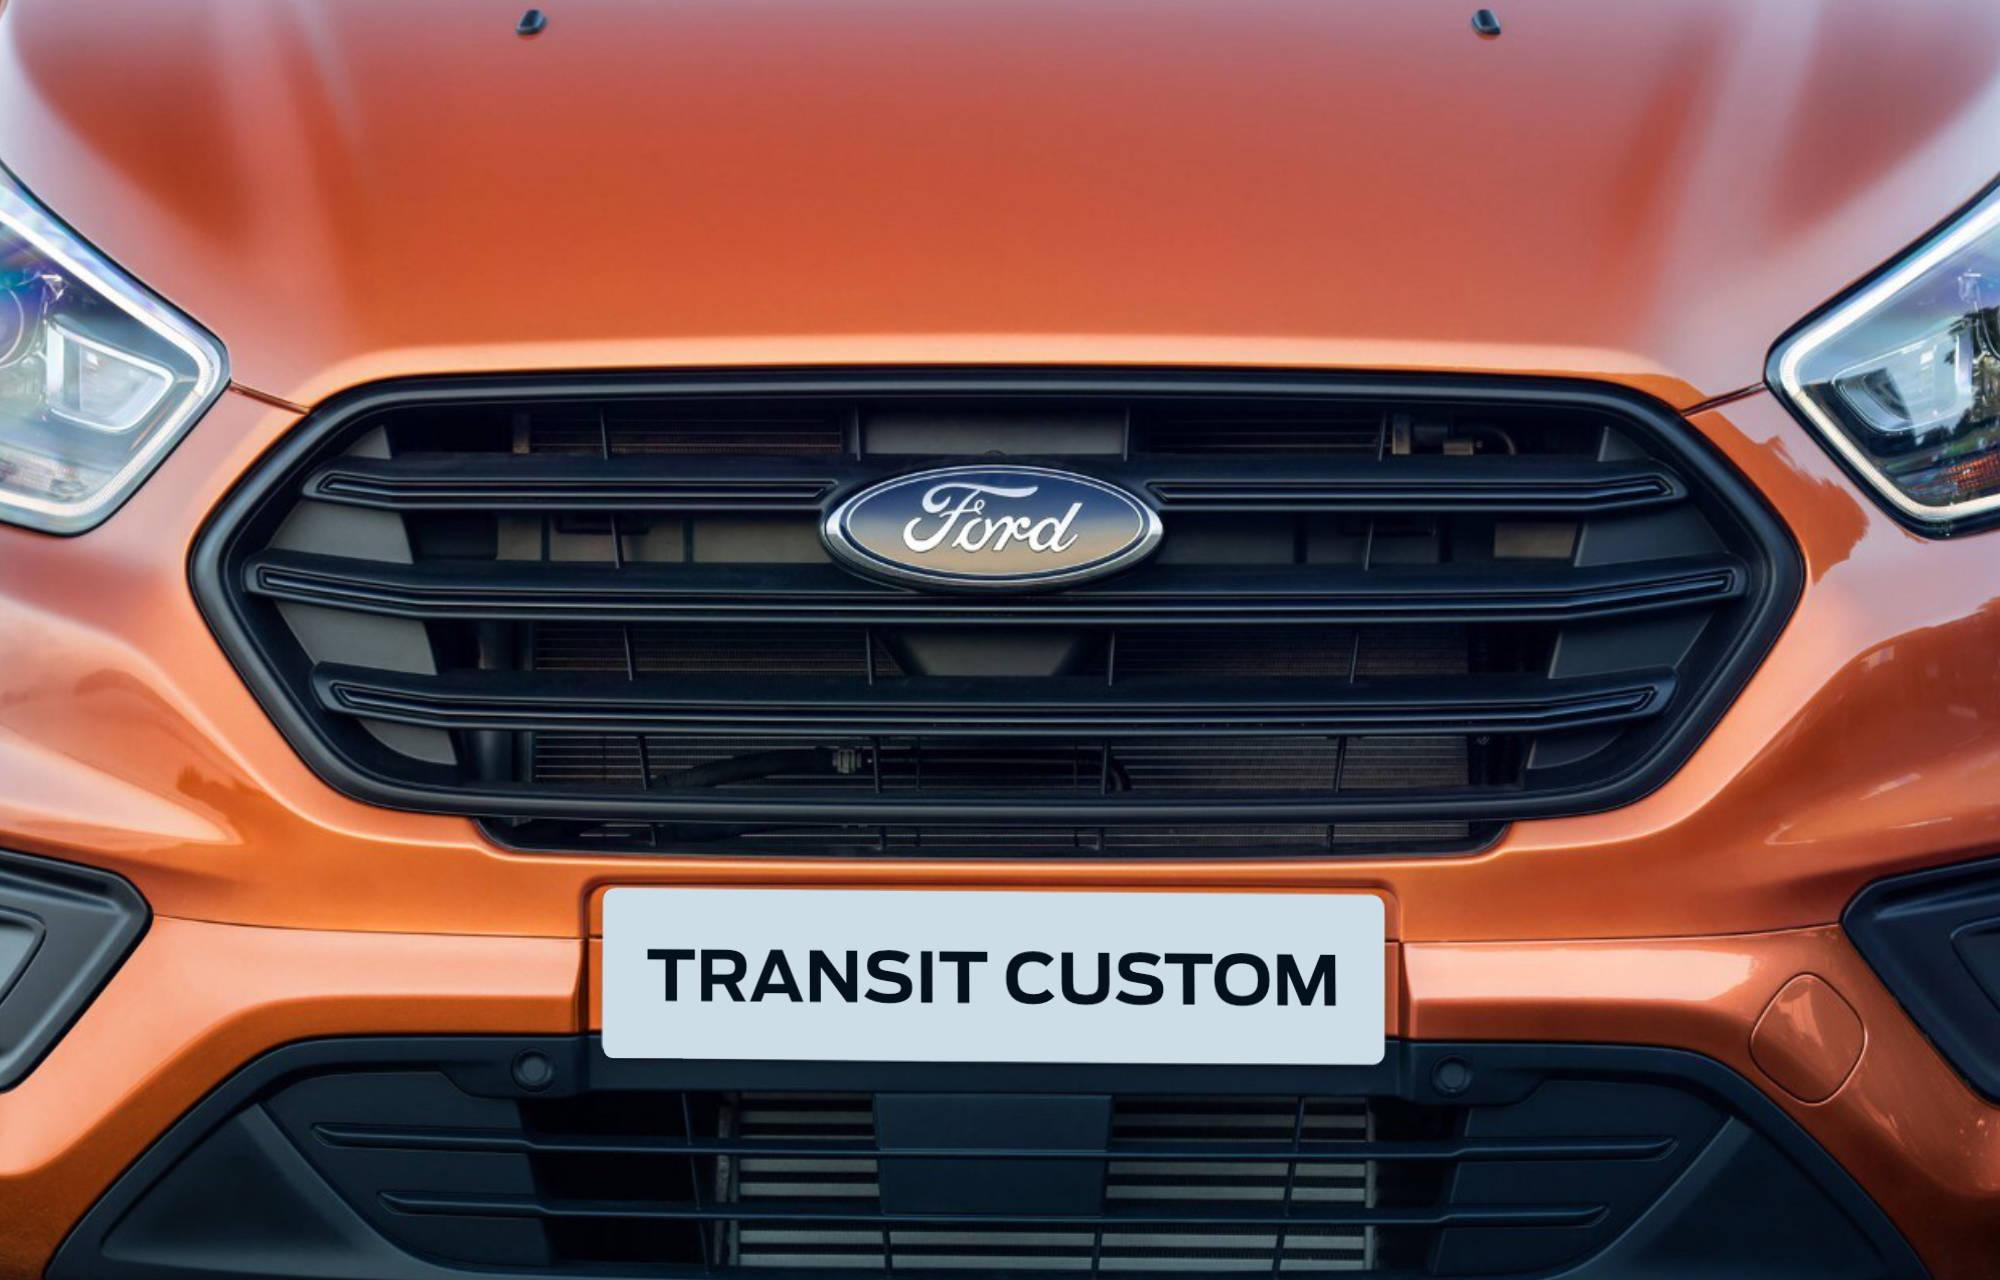 Ford Nutzfahrzeuge AHG-Cars Biel